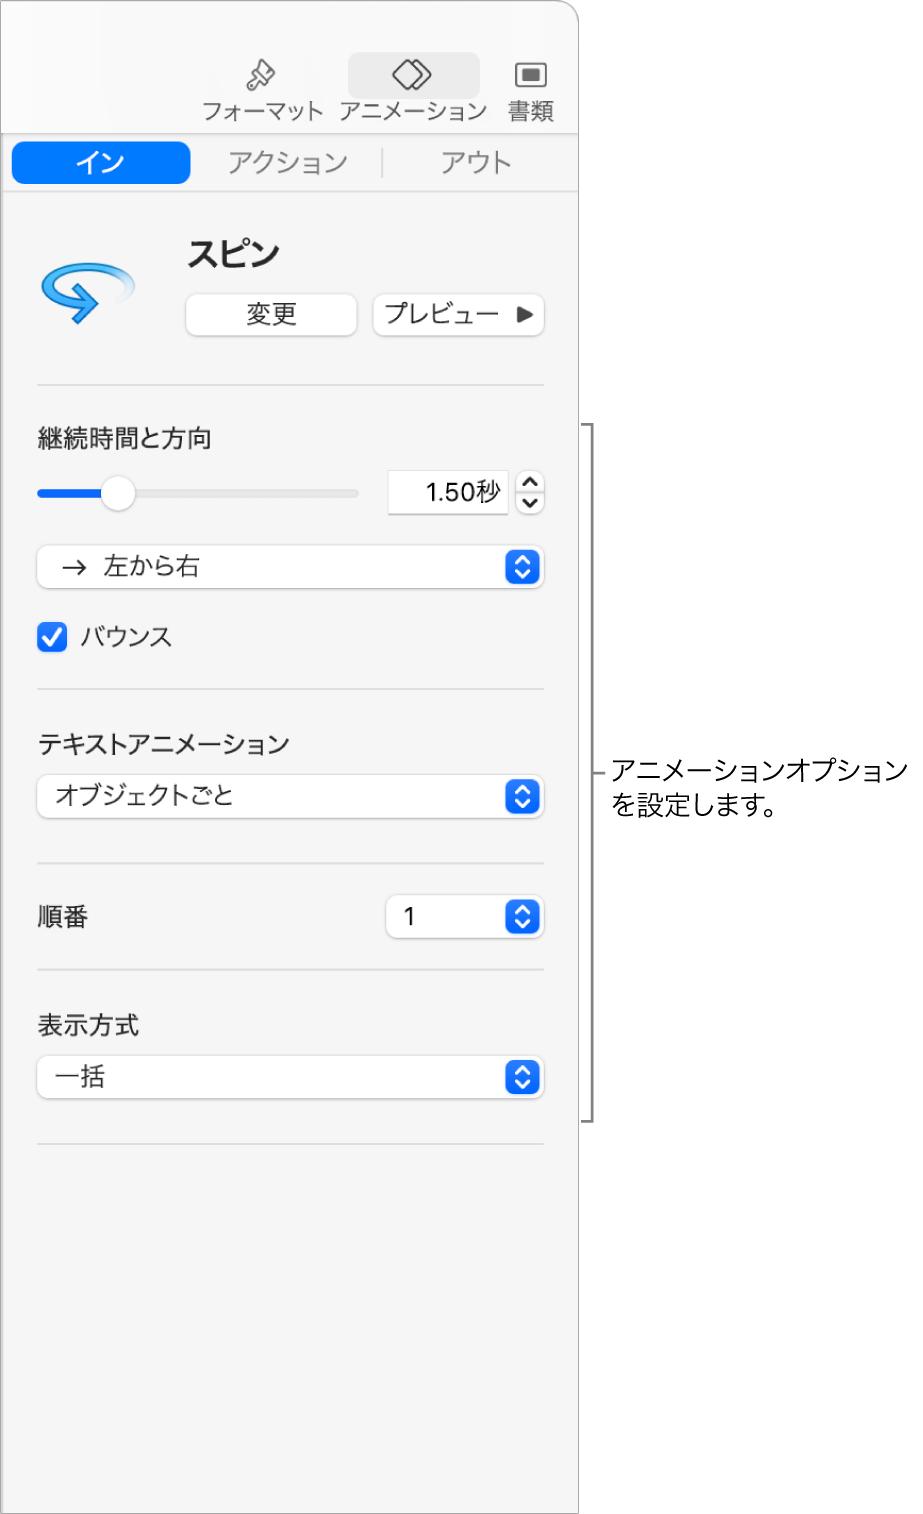 「サイドバー」の「アニメーション」セクションに表示されている「イン」のオプション。